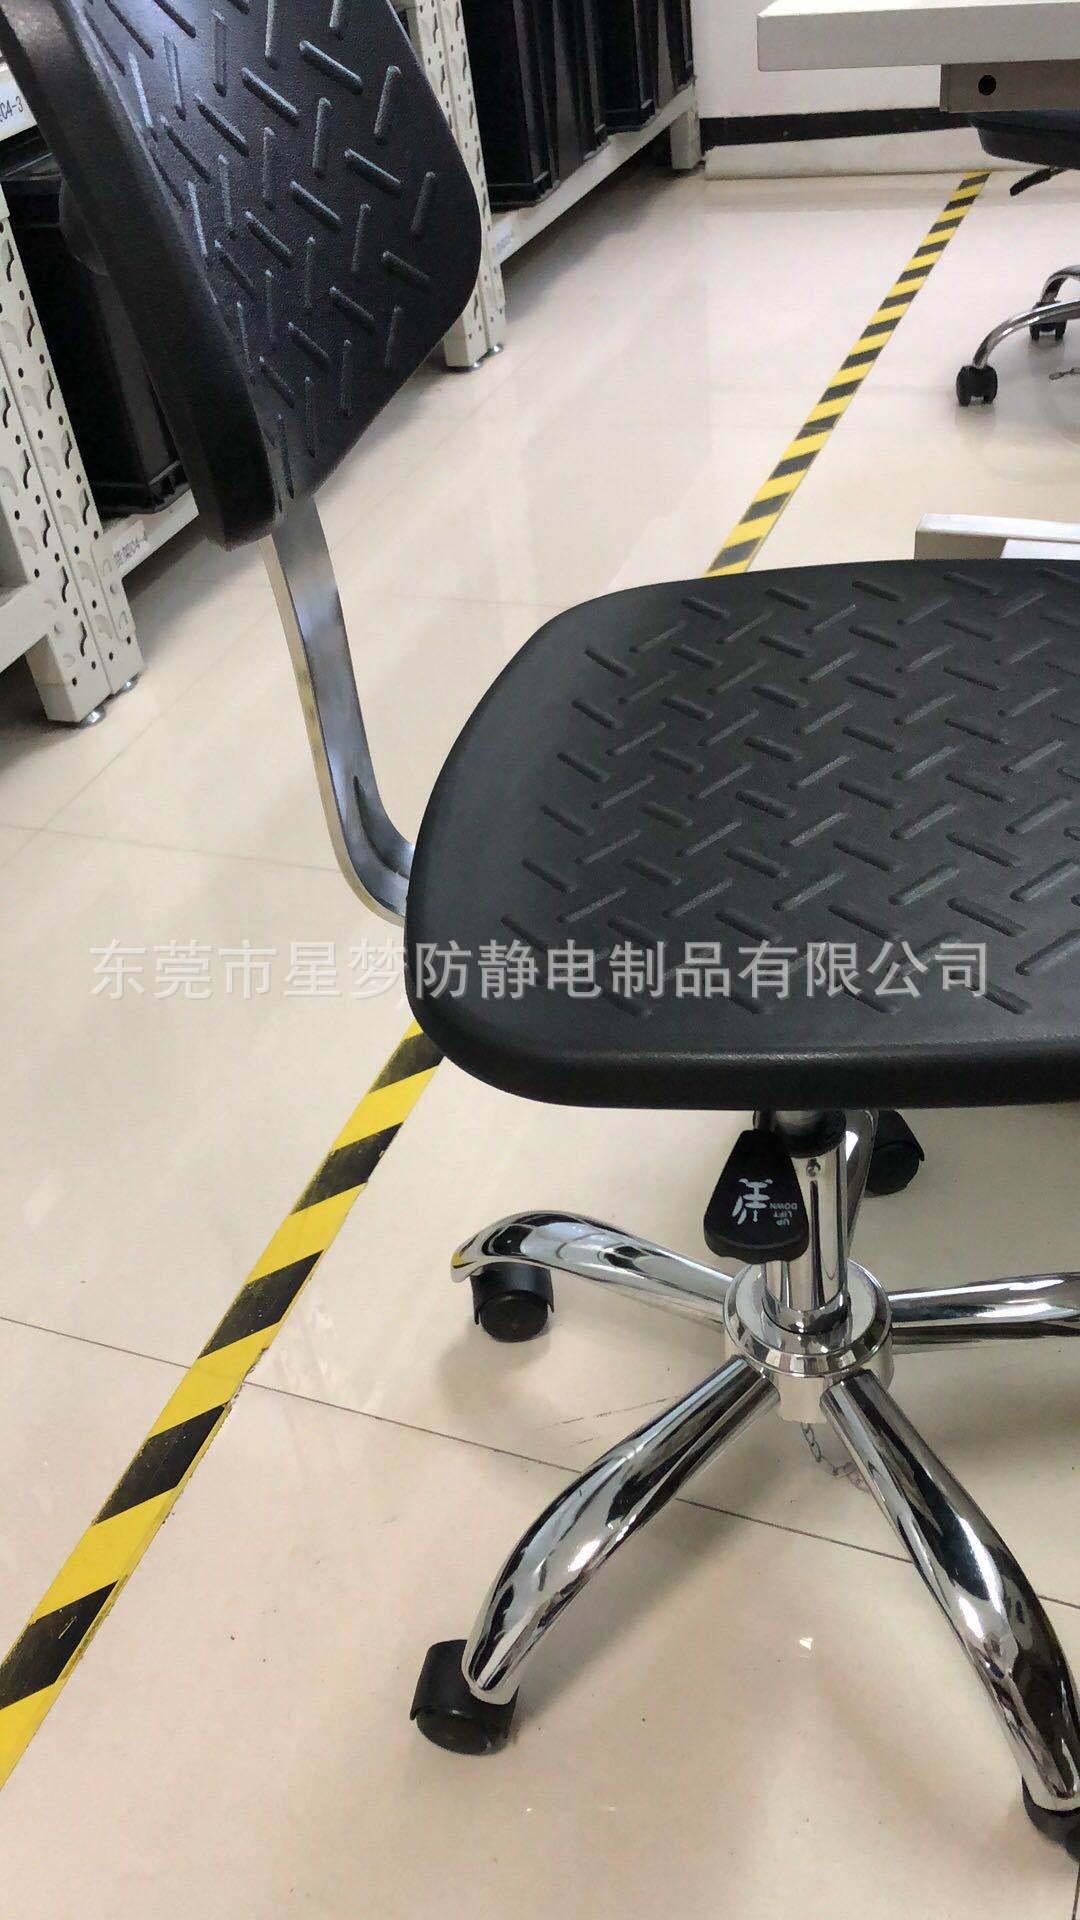 防静电PU发泡一体成型椅东莞塘厦防静电椅批发销售靠背工作椅